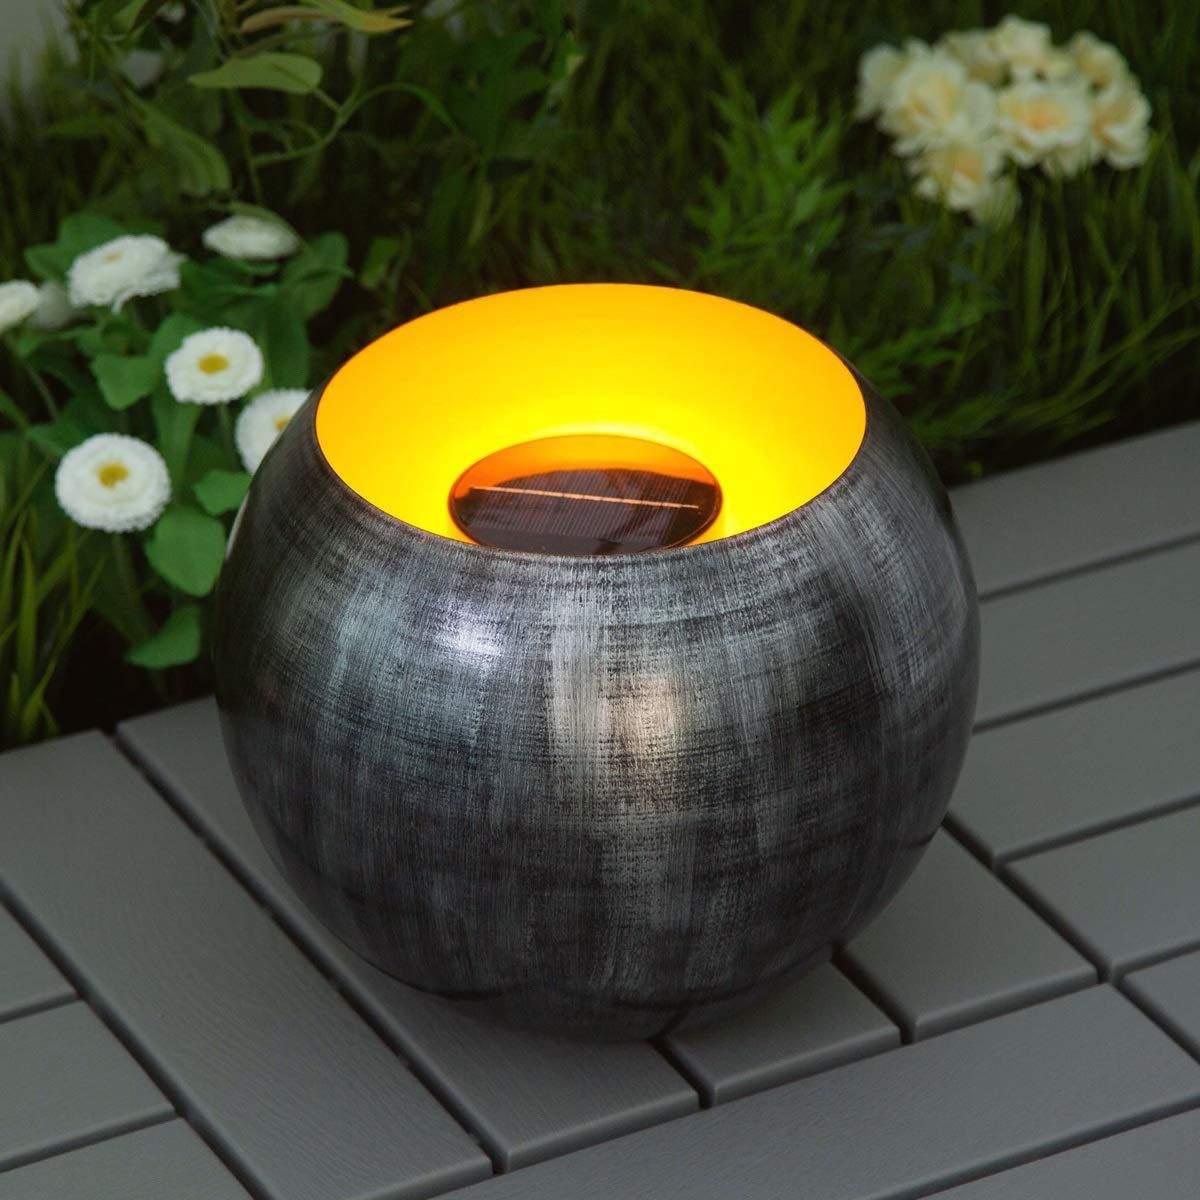 Garten Feuer Reizend Gartenbeleuchtung Mit Der Outdoor Led solar Feuer Schale